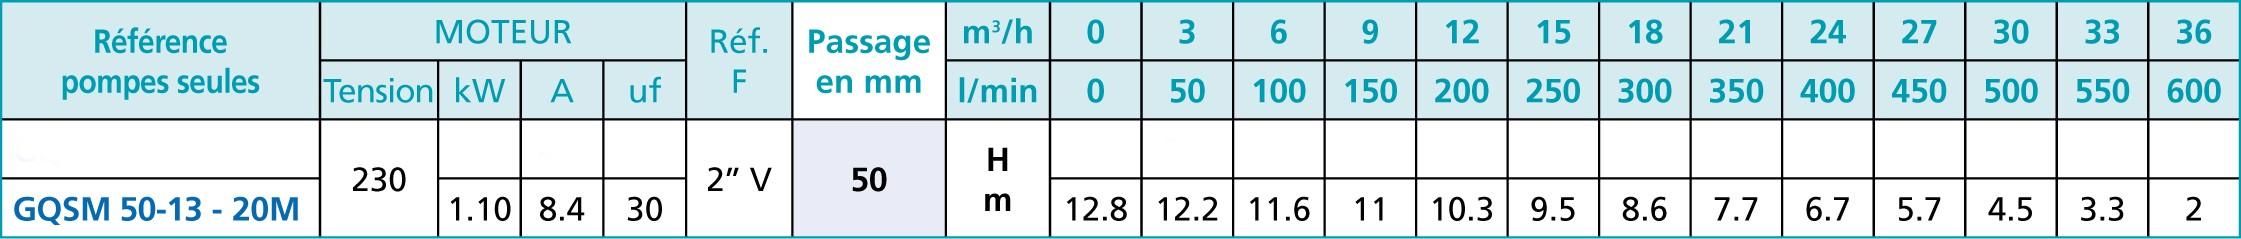 Caracteristique pompe GQSM 50-13